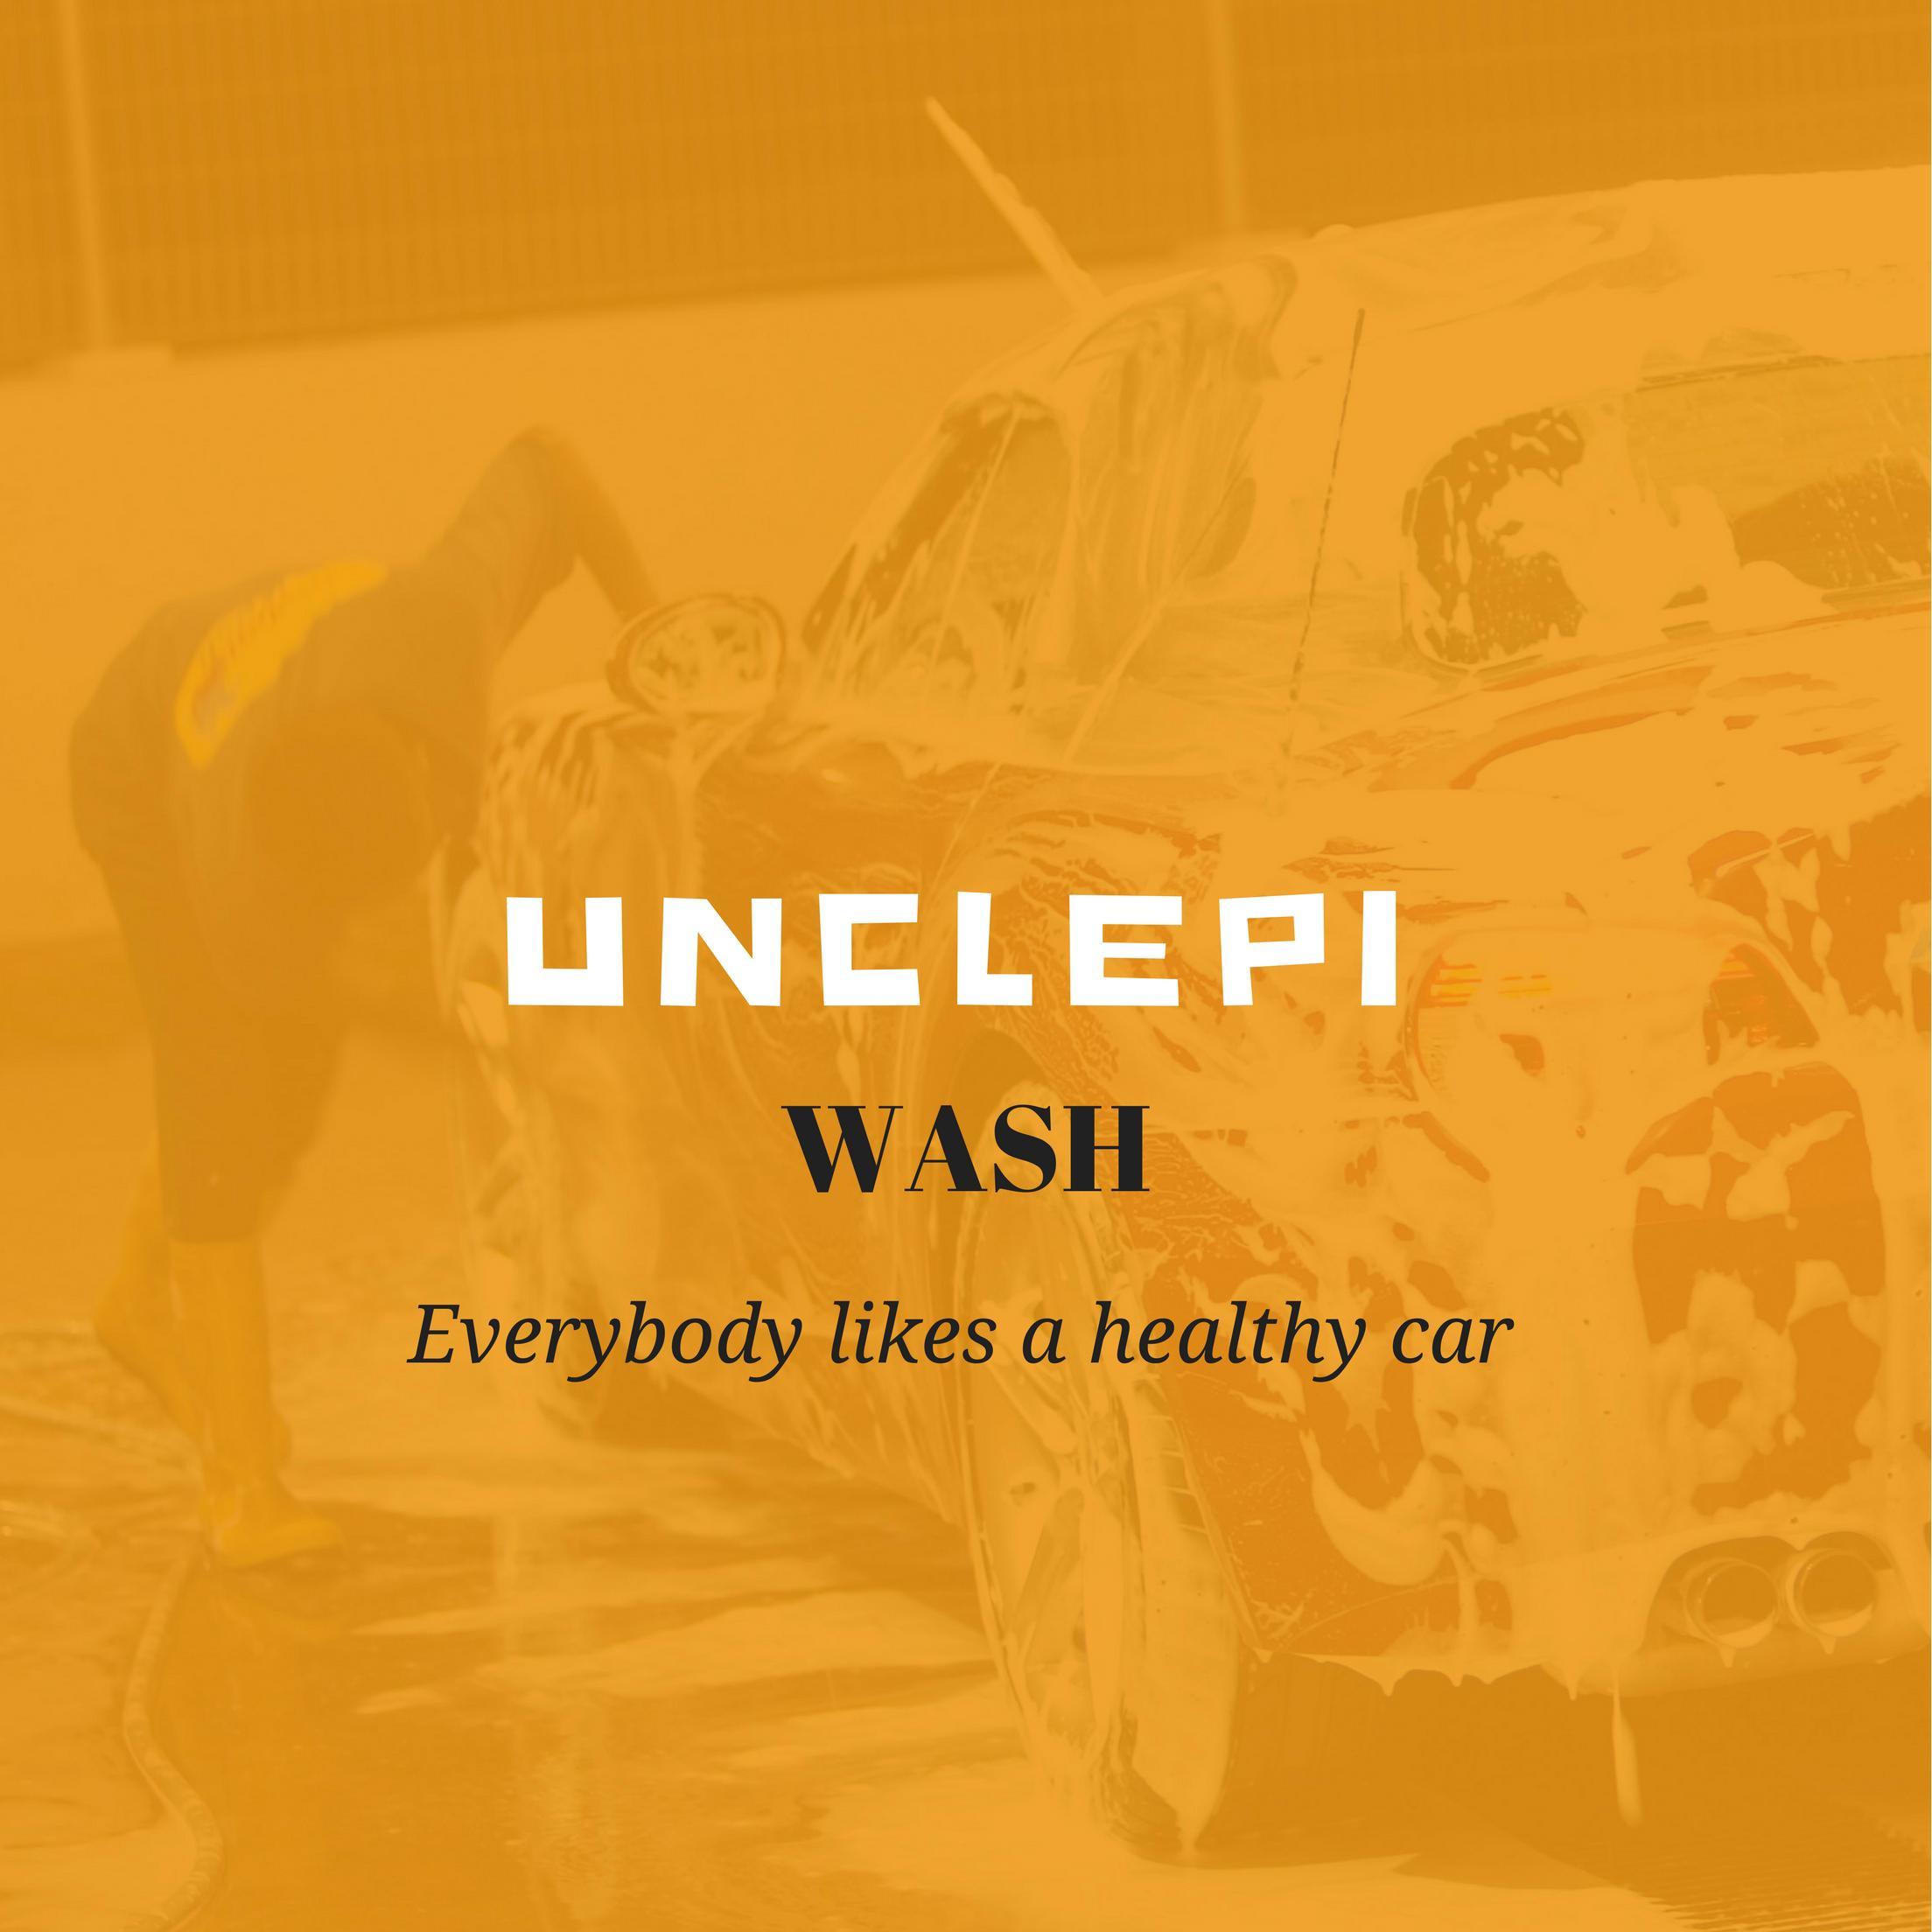 UnclePi Wash poster